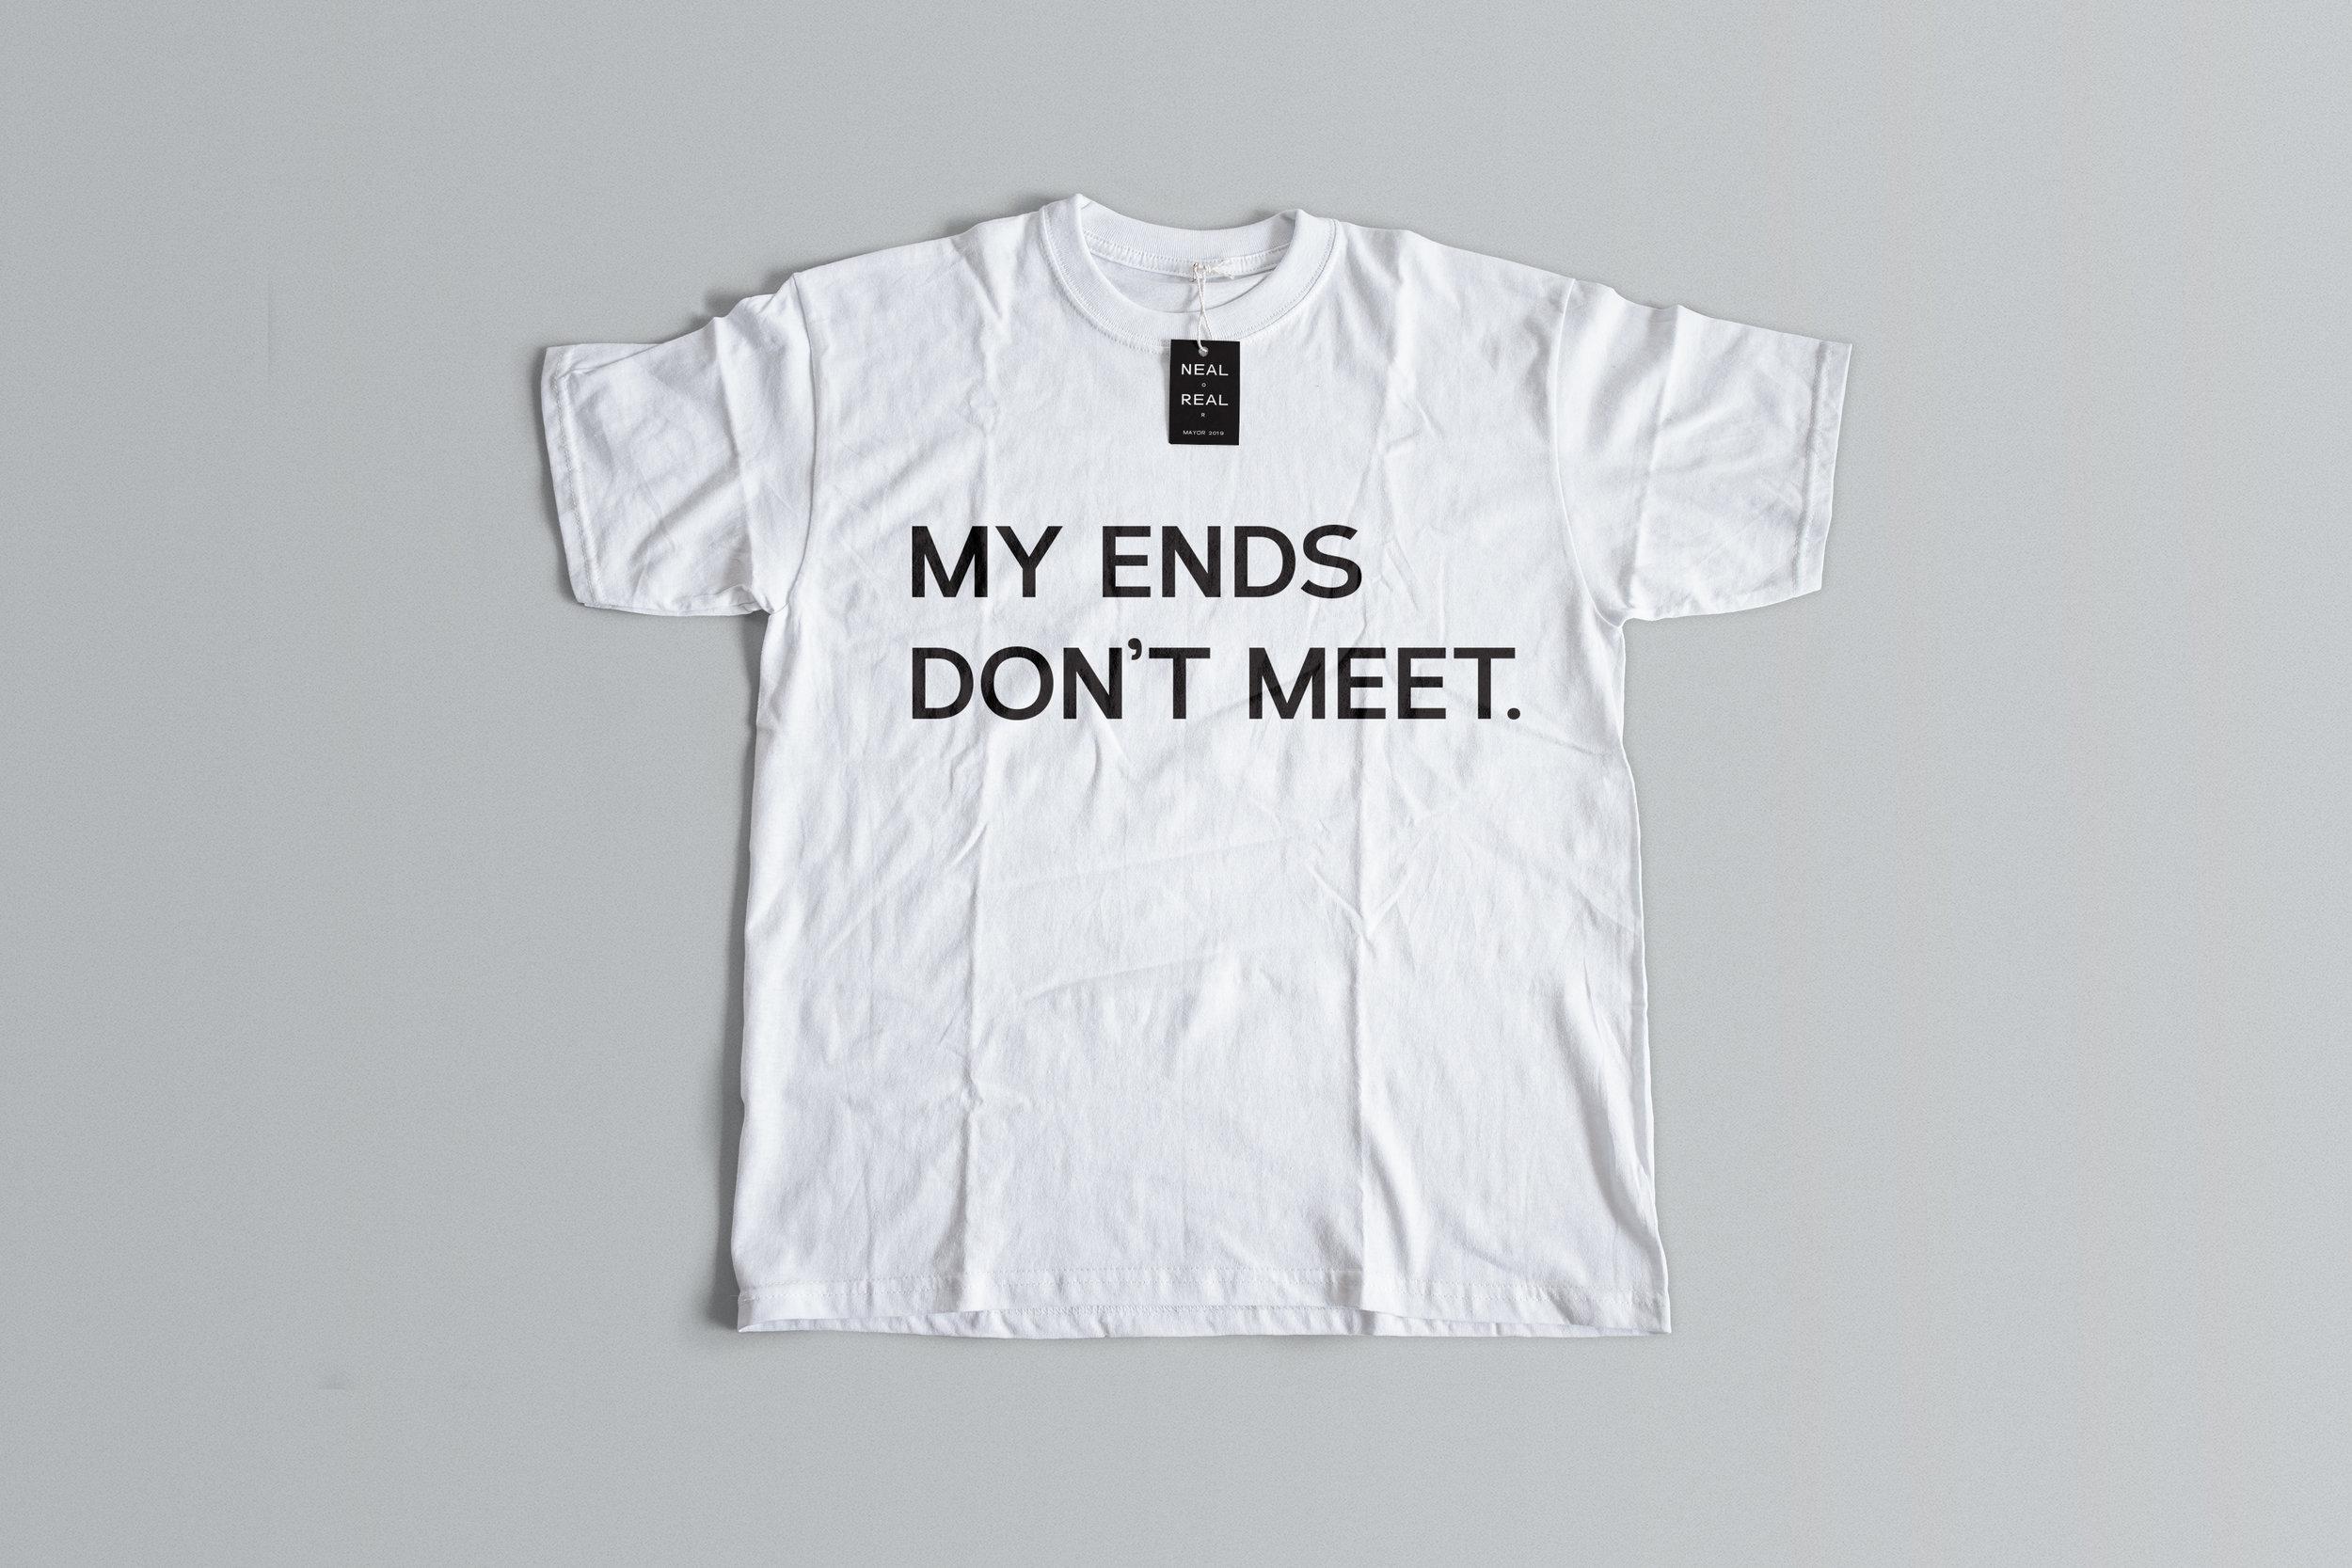 3D_shirt-my-ends-dont-meet_3886w.jpg